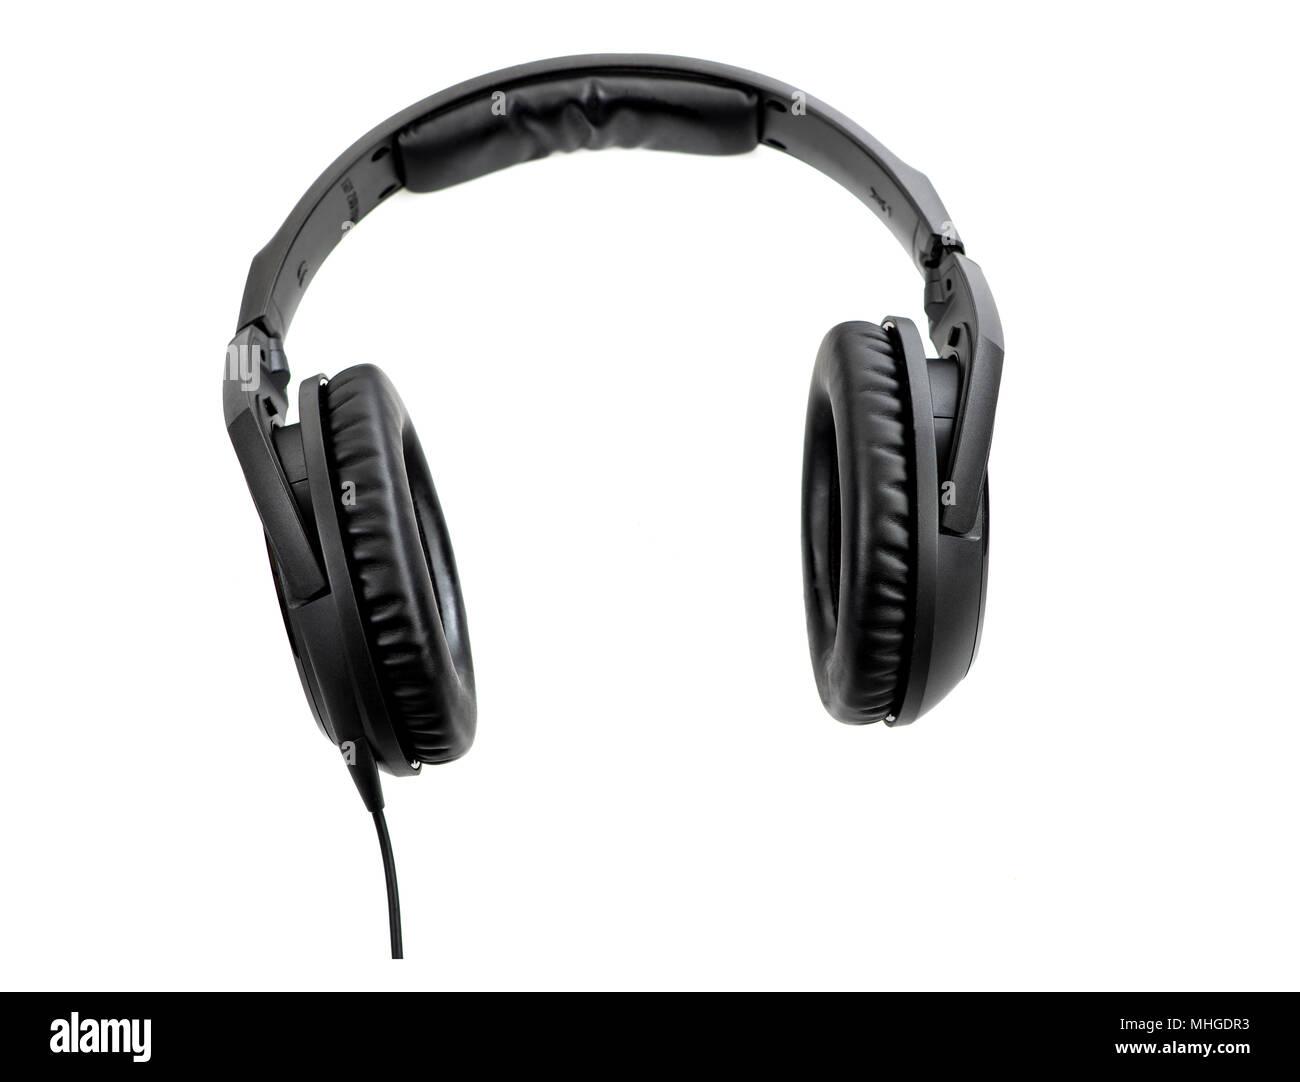 Headphones isolated on white background - Stock Image